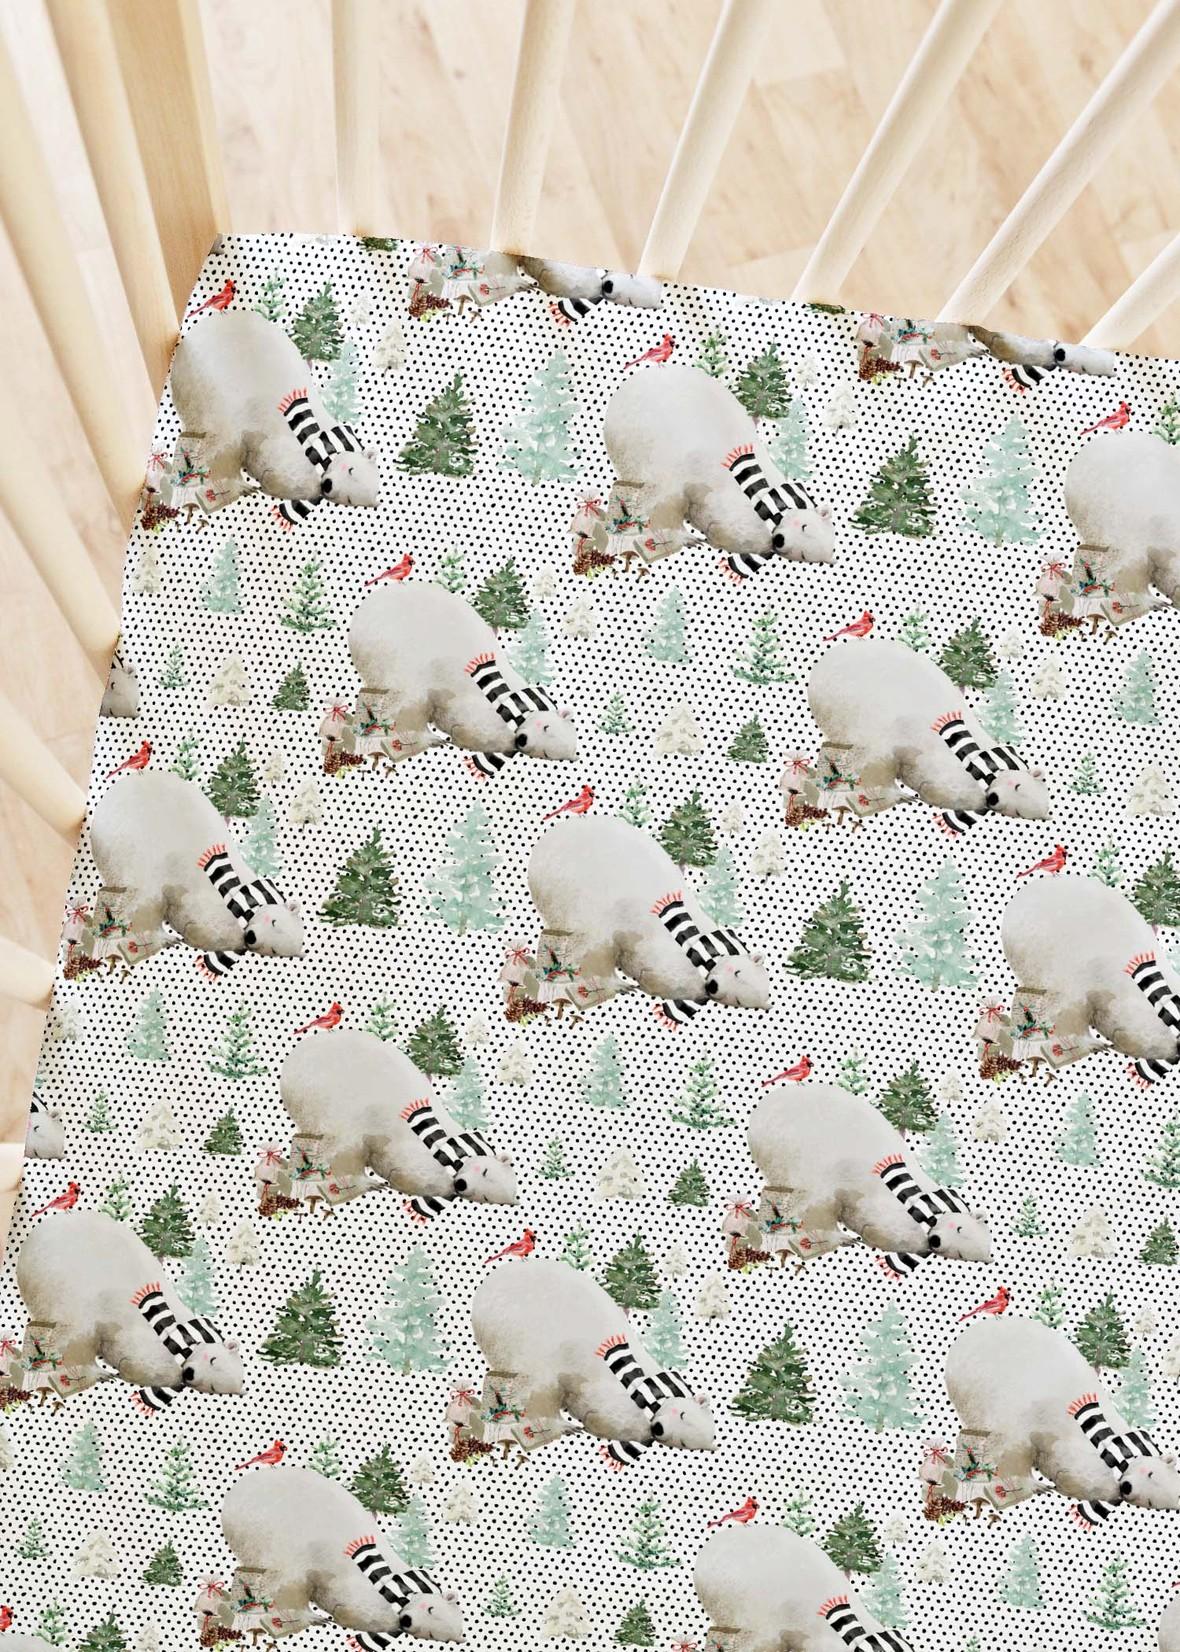 Crib Sheets White and Black Dots Napping Bear